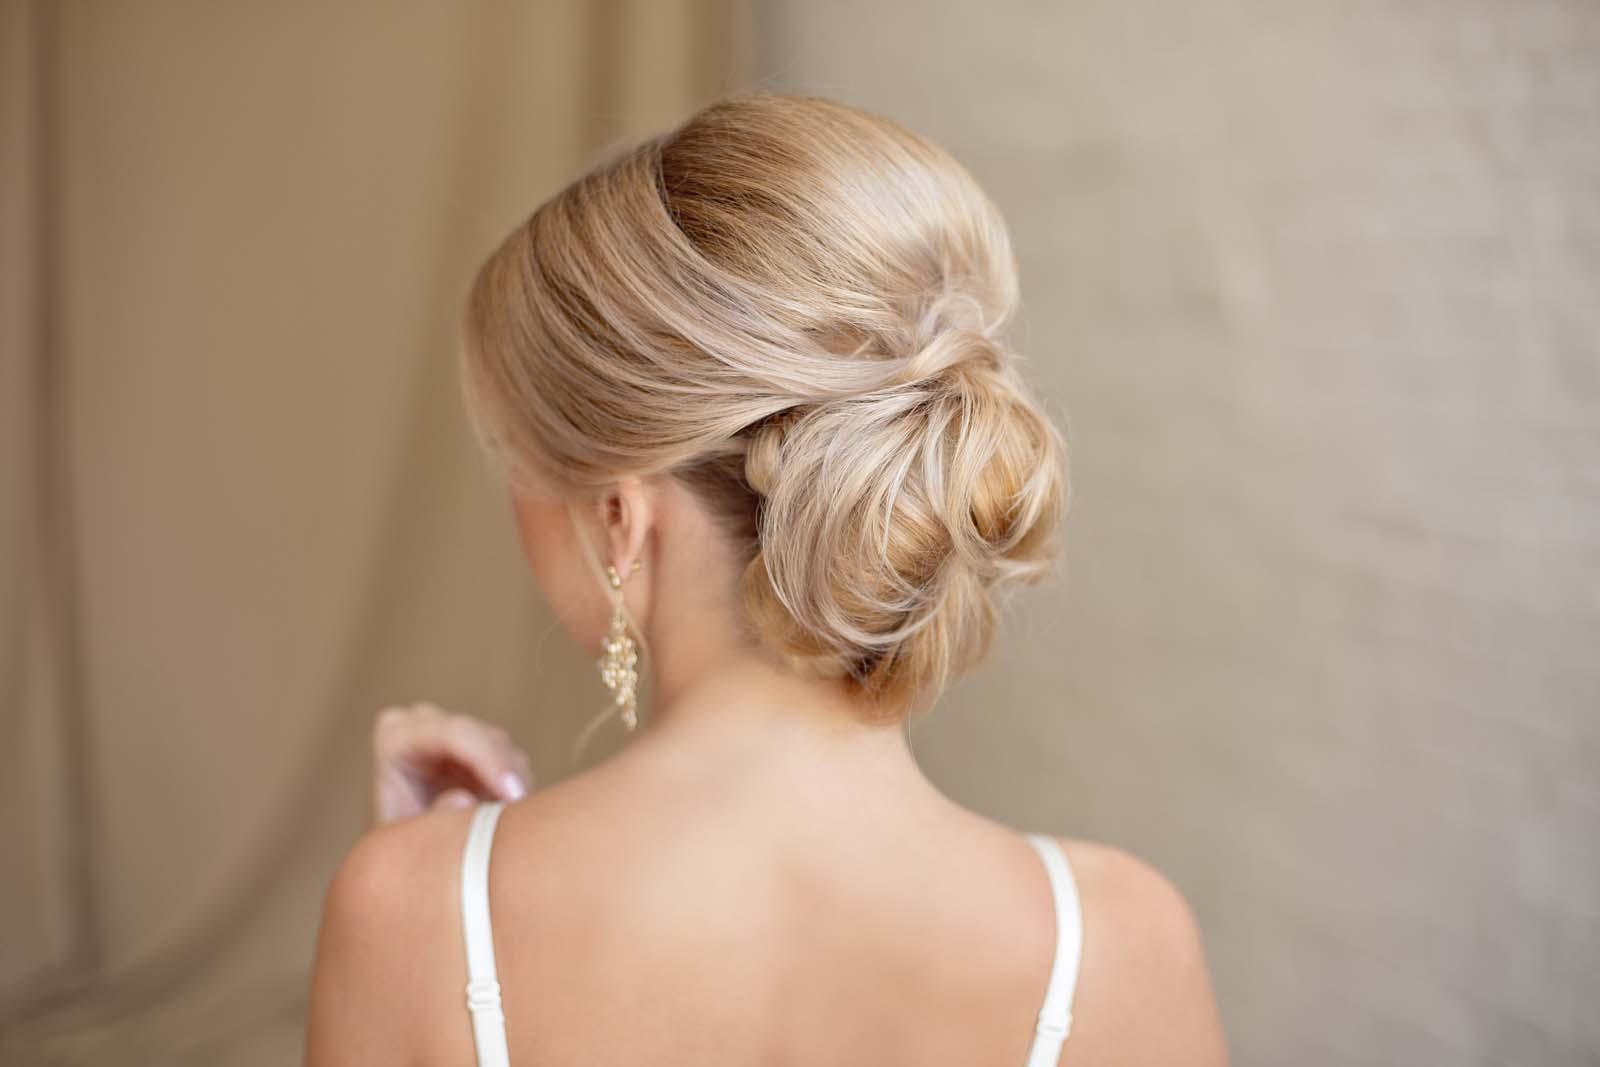 Novia rubia luciendo un peinado de moño bajo sencillo y elegante